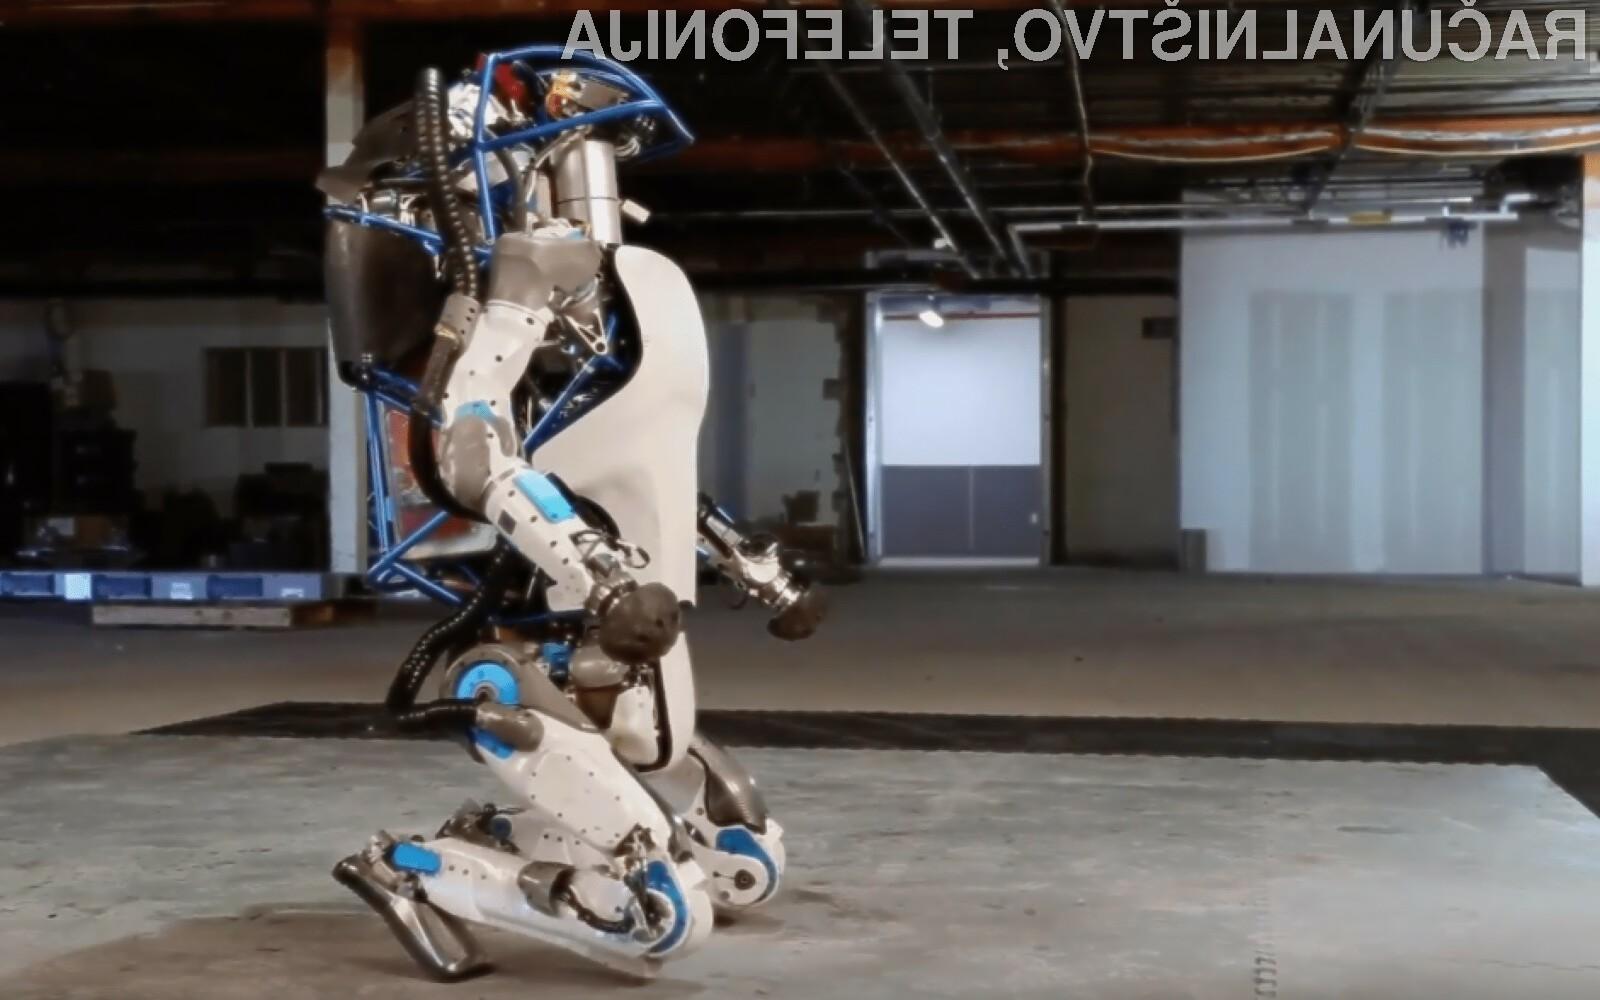 Tako naprednega robota zagotovo še niste videli!